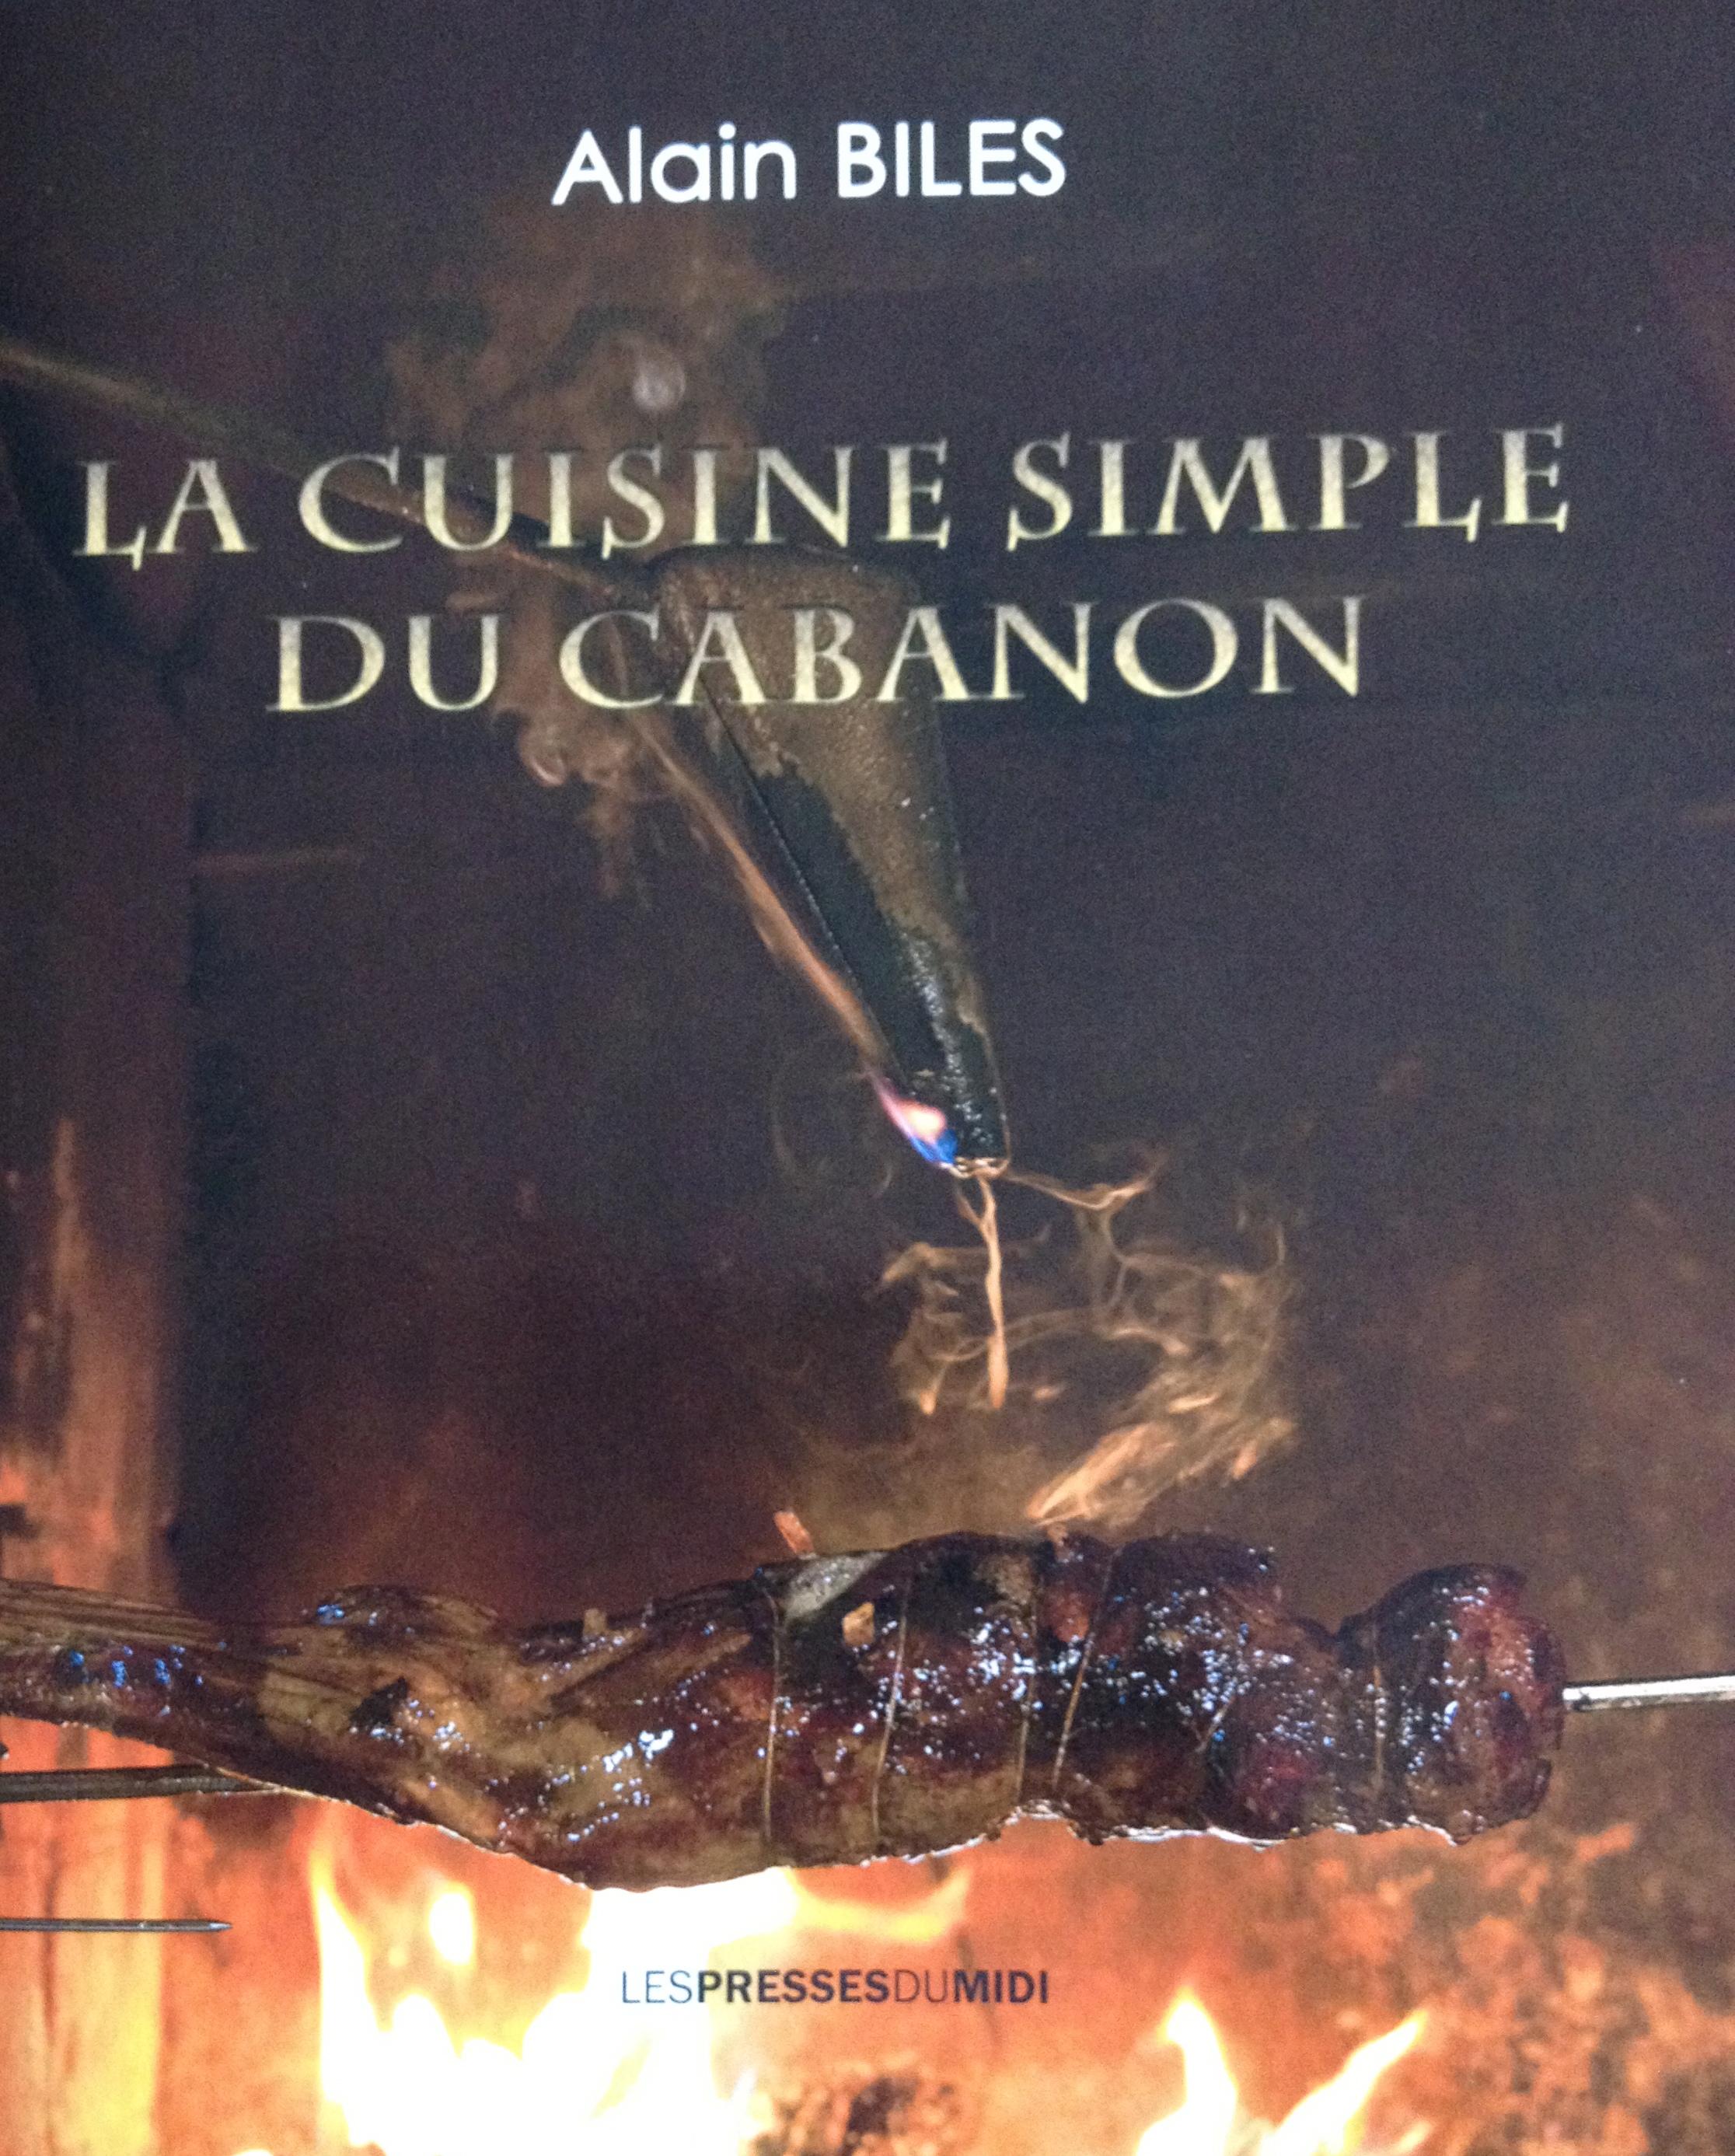 Livre la cuisine simple du cabanon du chef alain biles - Livre de cuisine simple ...